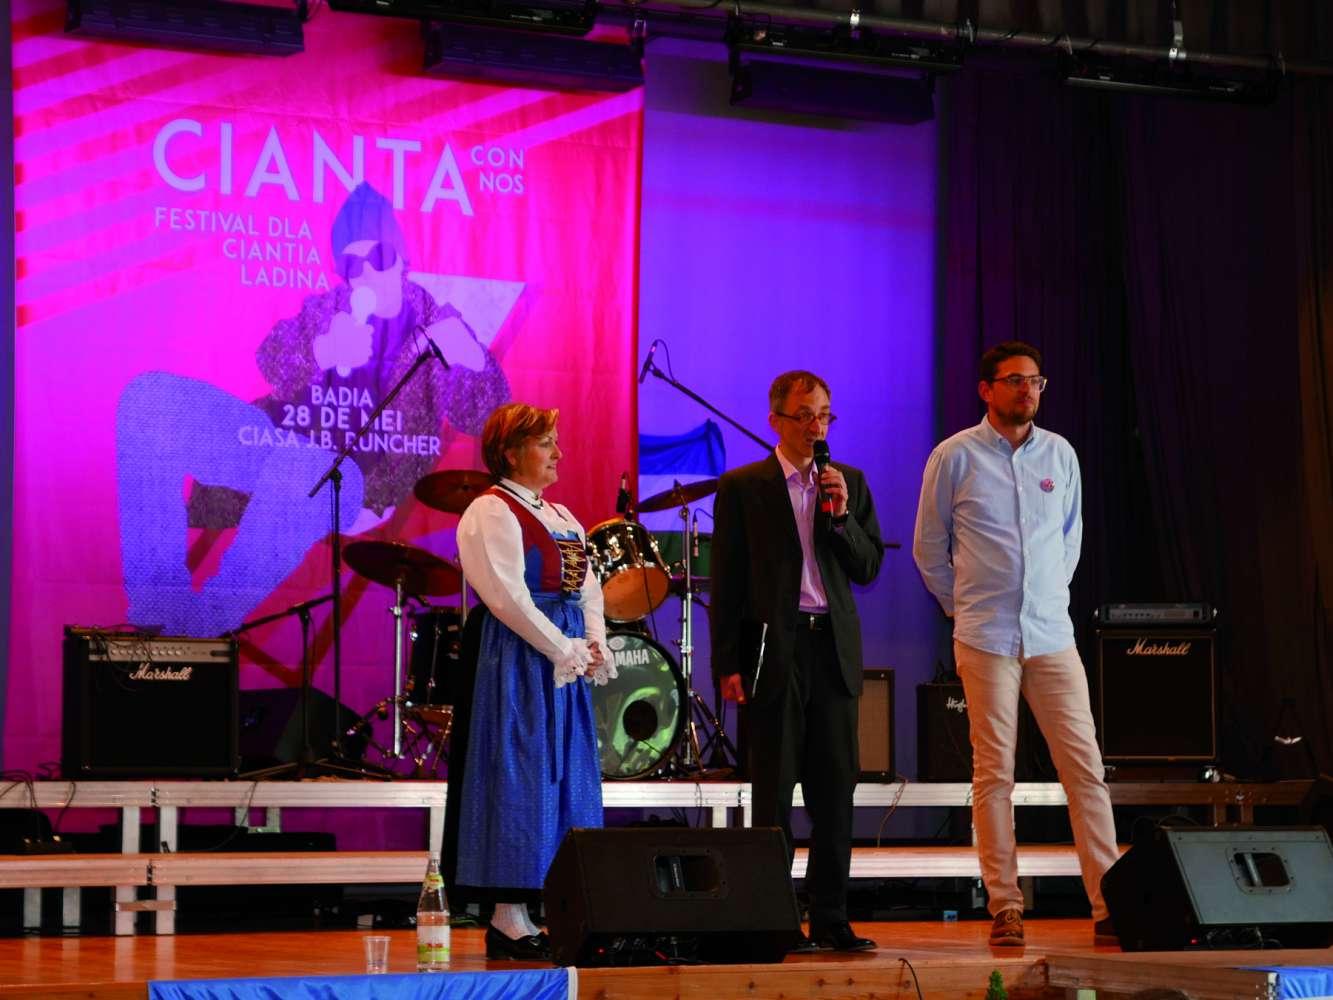 1afestival_cianta-con-nos_salut.jpg